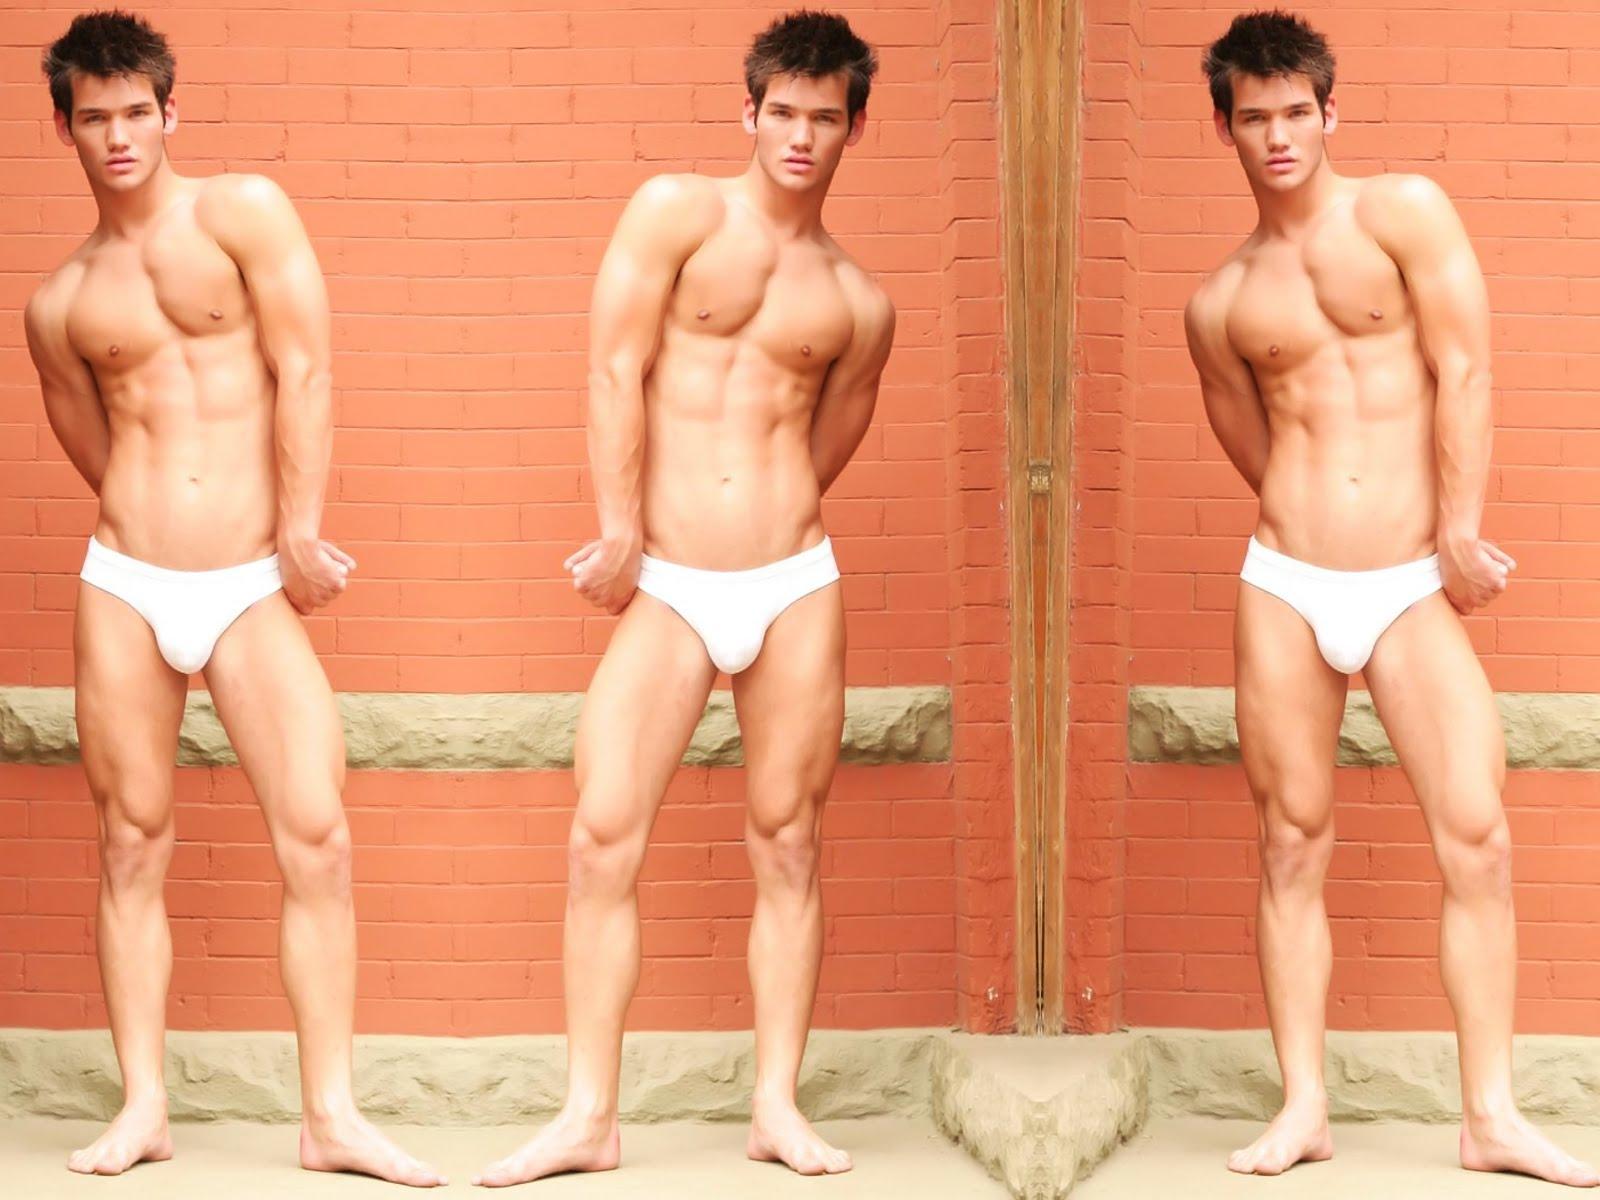 http://2.bp.blogspot.com/-P5UBNs1F41Q/TWFXfzAtu8I/AAAAAAAABZs/Cxry4HQ74-8/s1600/Christopher+Fawcett+09-27-08+big.jpg